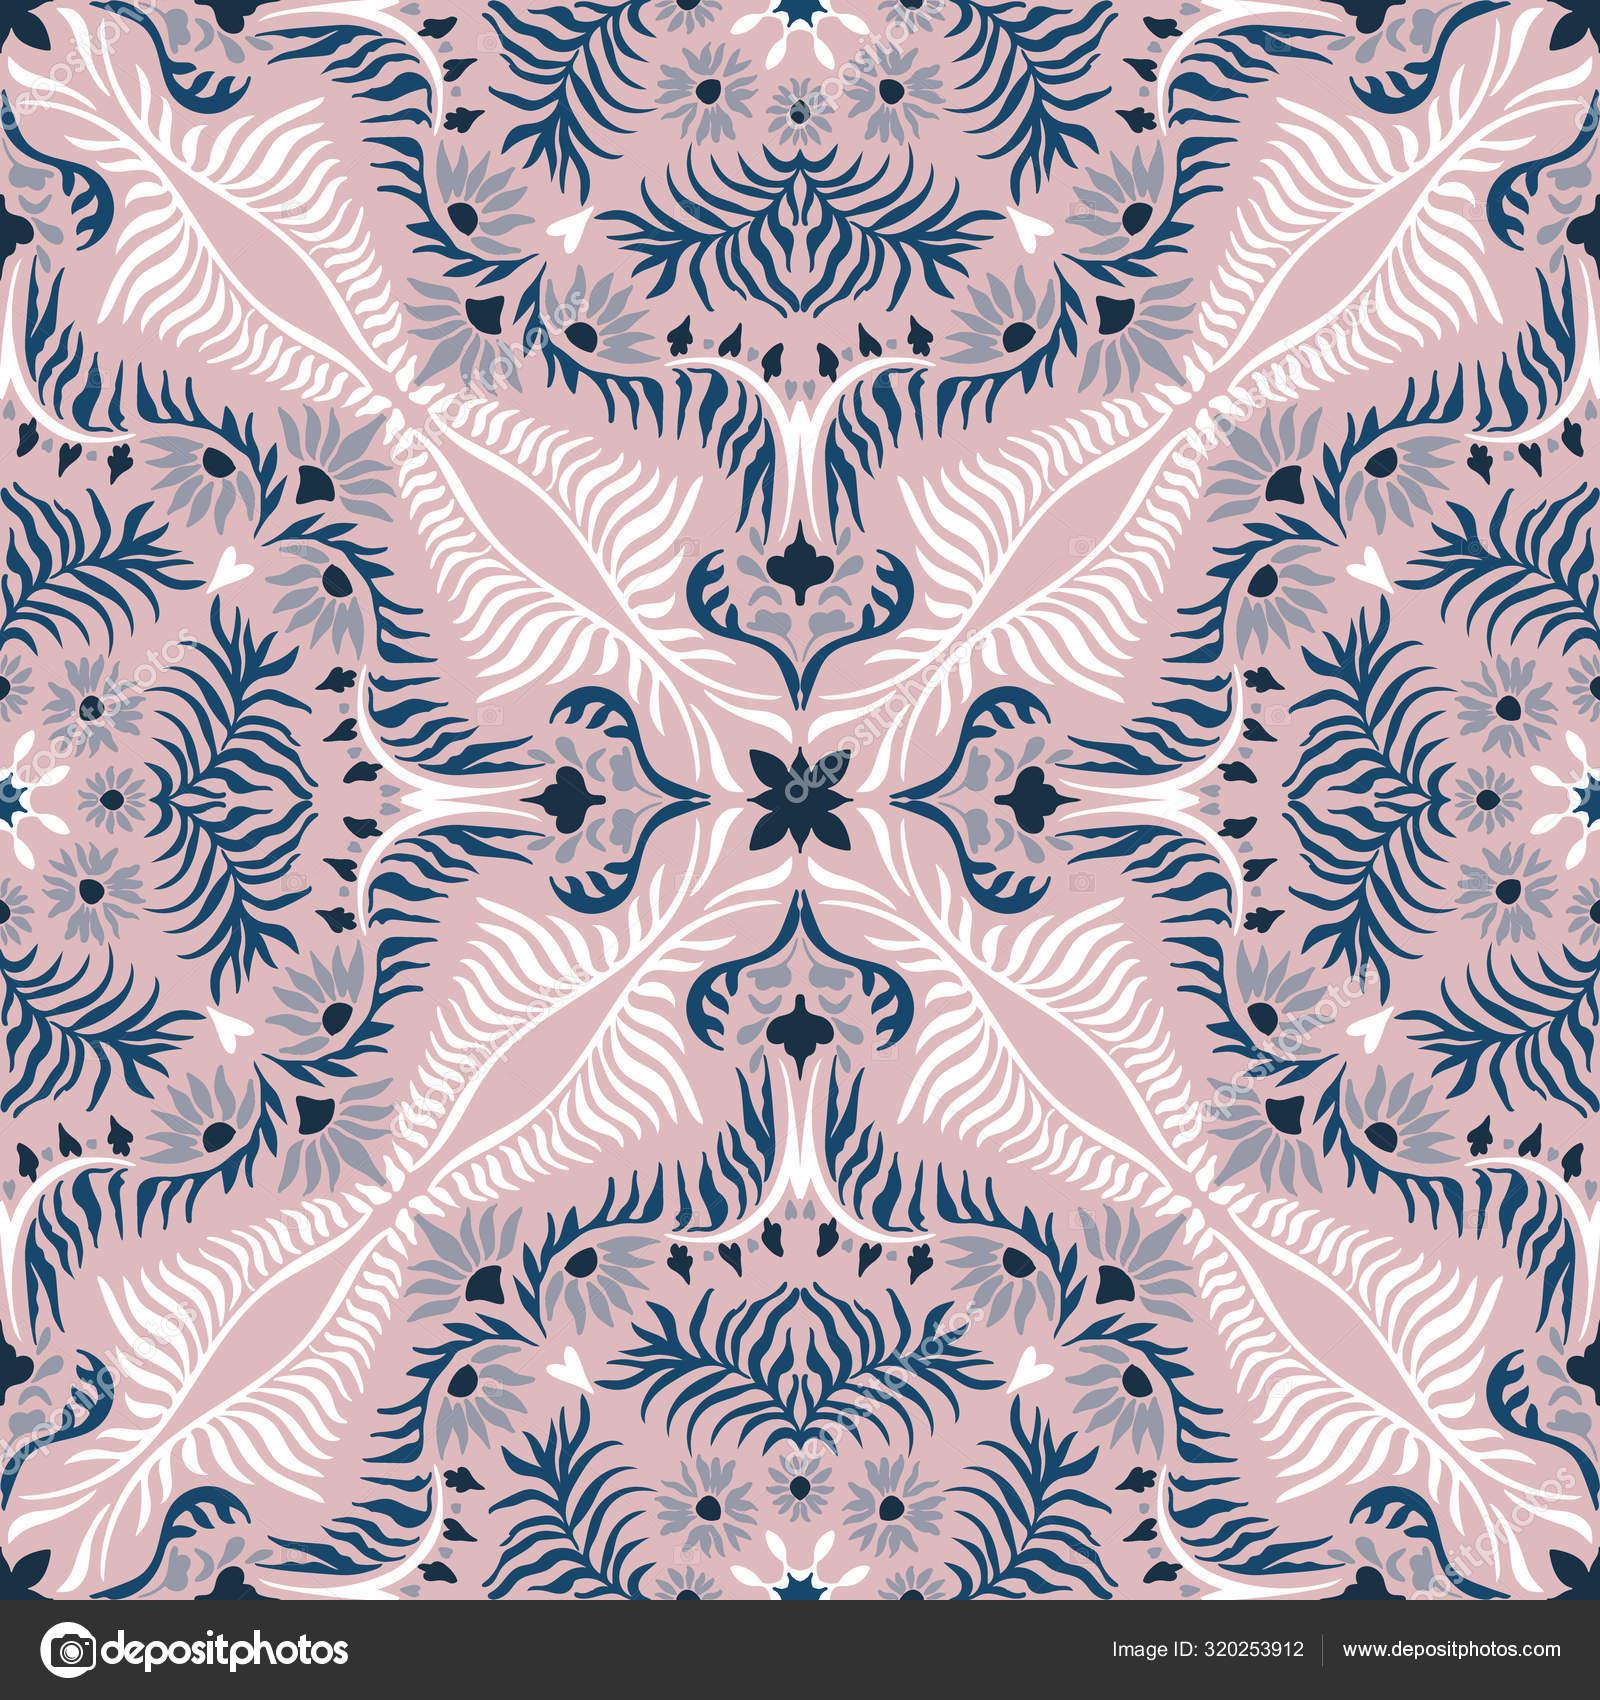 Bandana print. Women's shawl with